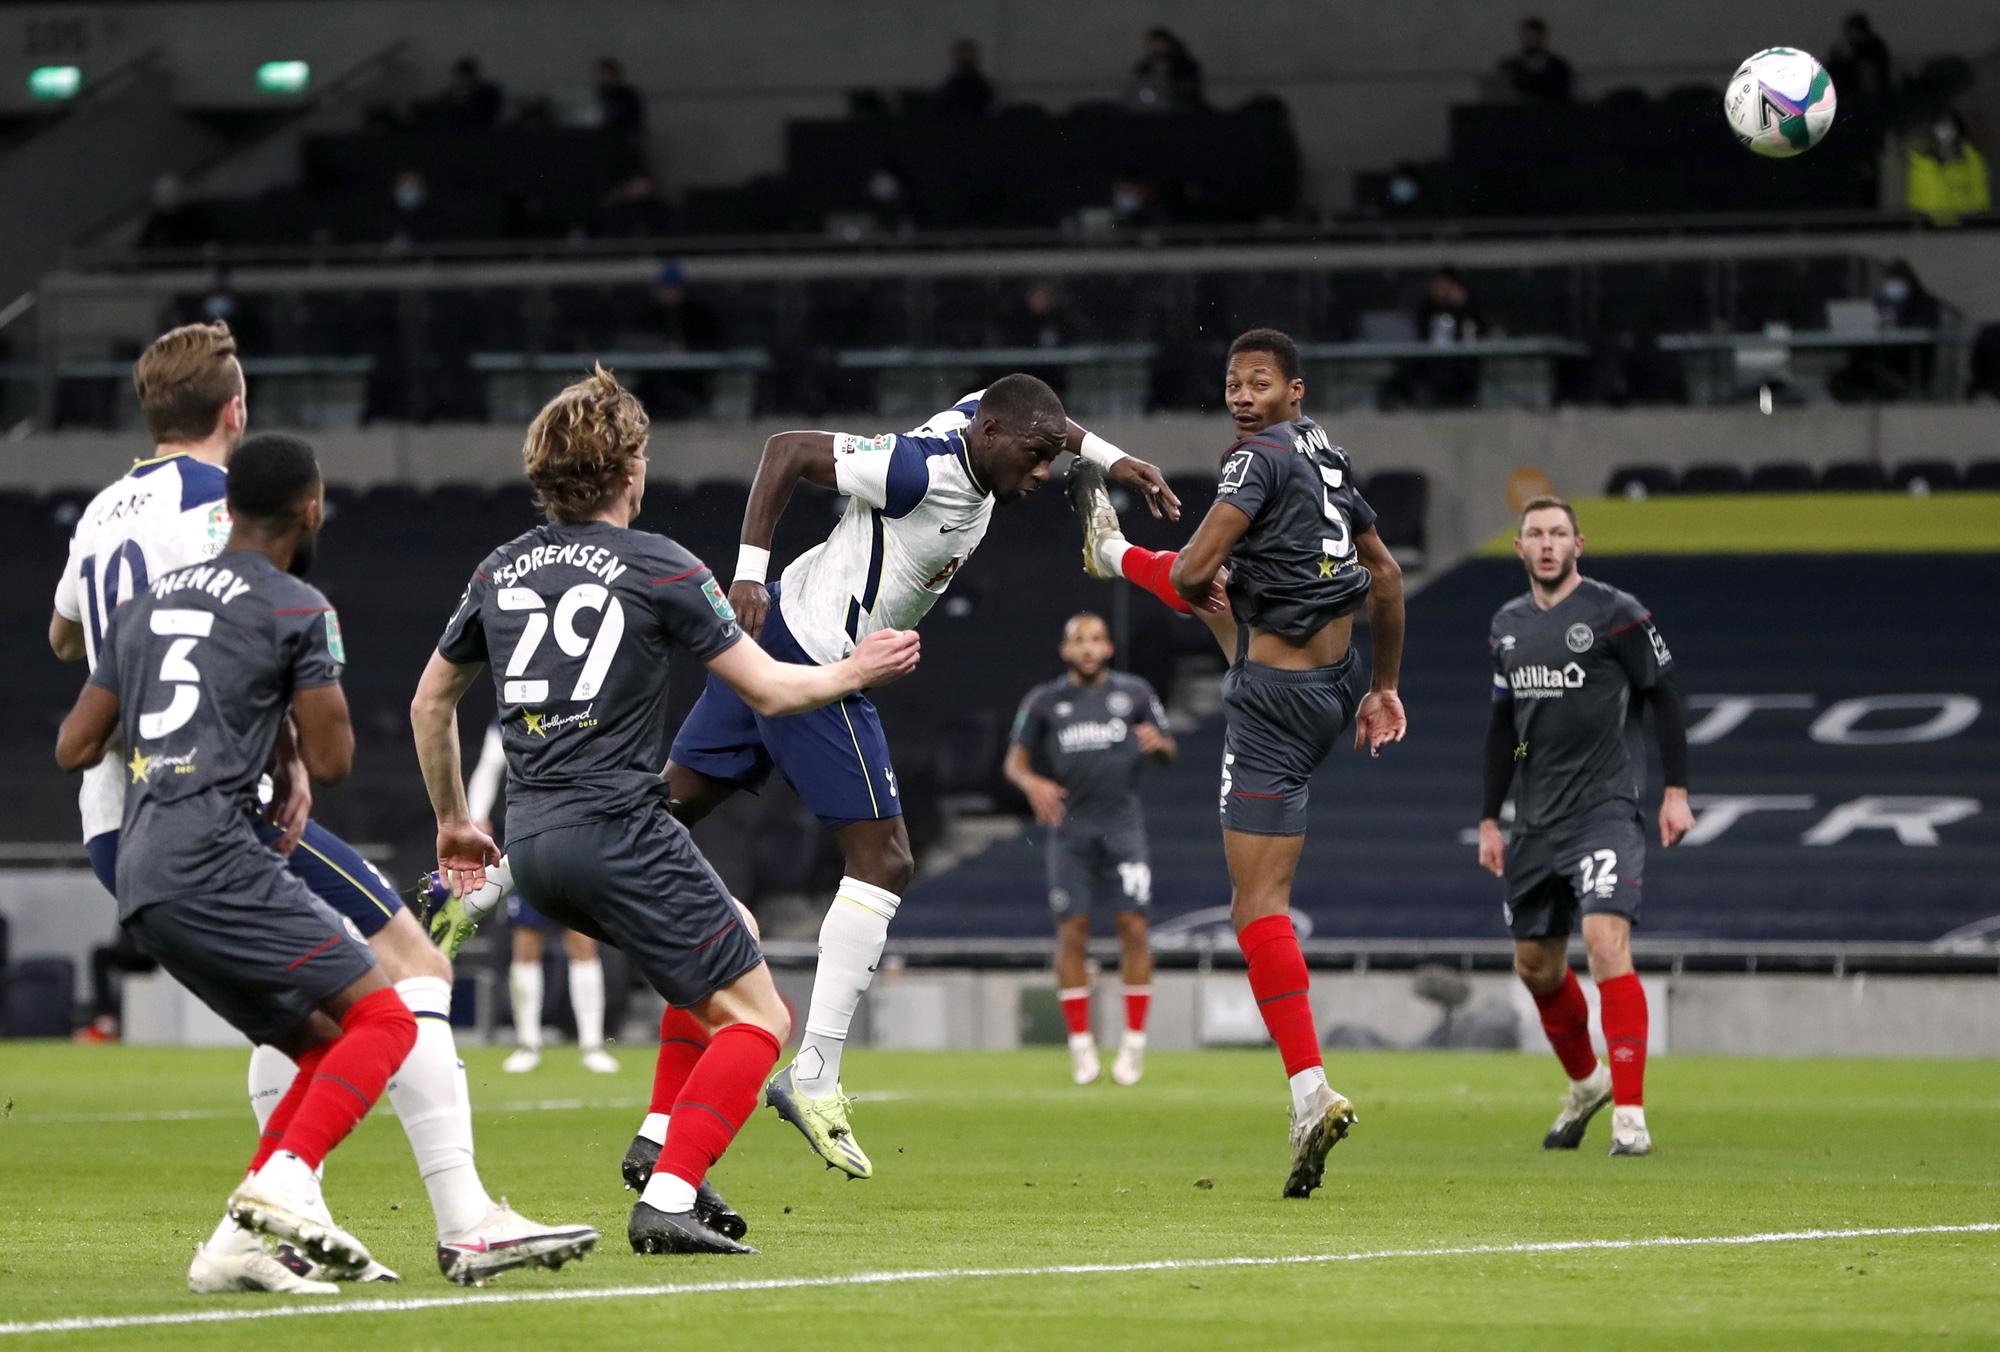 Hạ Brentford 2-0, Tottenham có vé dự trận chung kết đầu mùa - Ảnh 2.